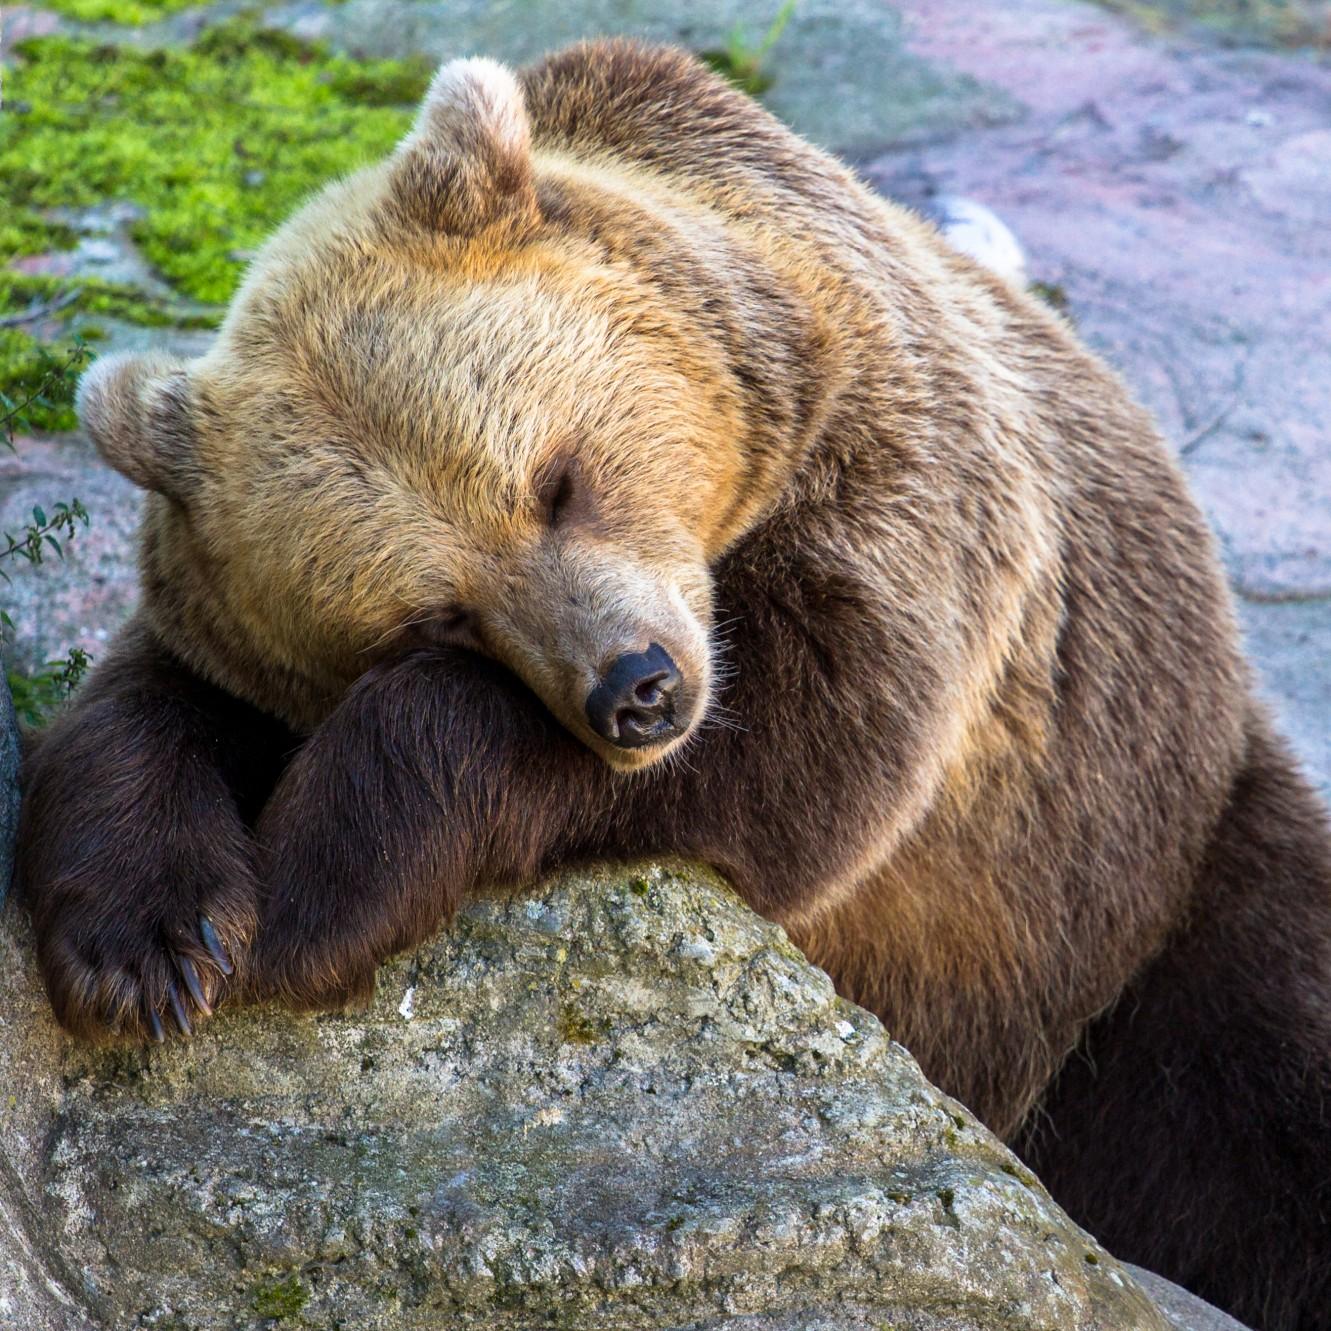 心の病気のための睡眠学コラム─第1回 ウルトラディアンリズムと睡眠障害の新たな研究成果